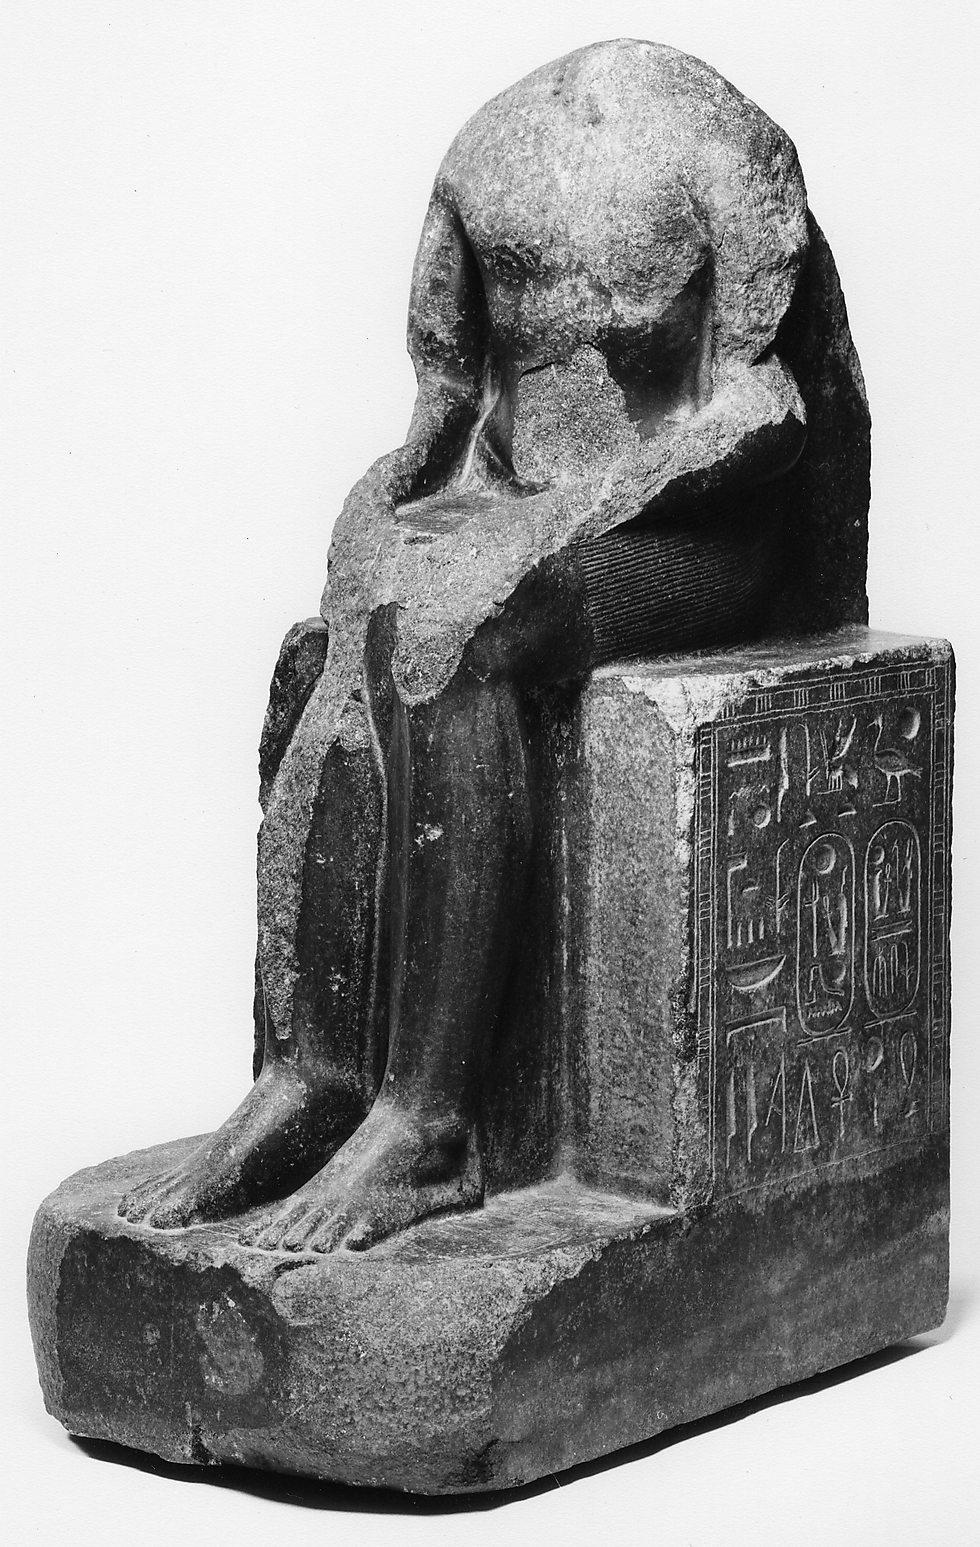 פסל של רעמסס השני מאבן גרניט שחורה (אסיוט, מצרים. 1290–1224 לפנה